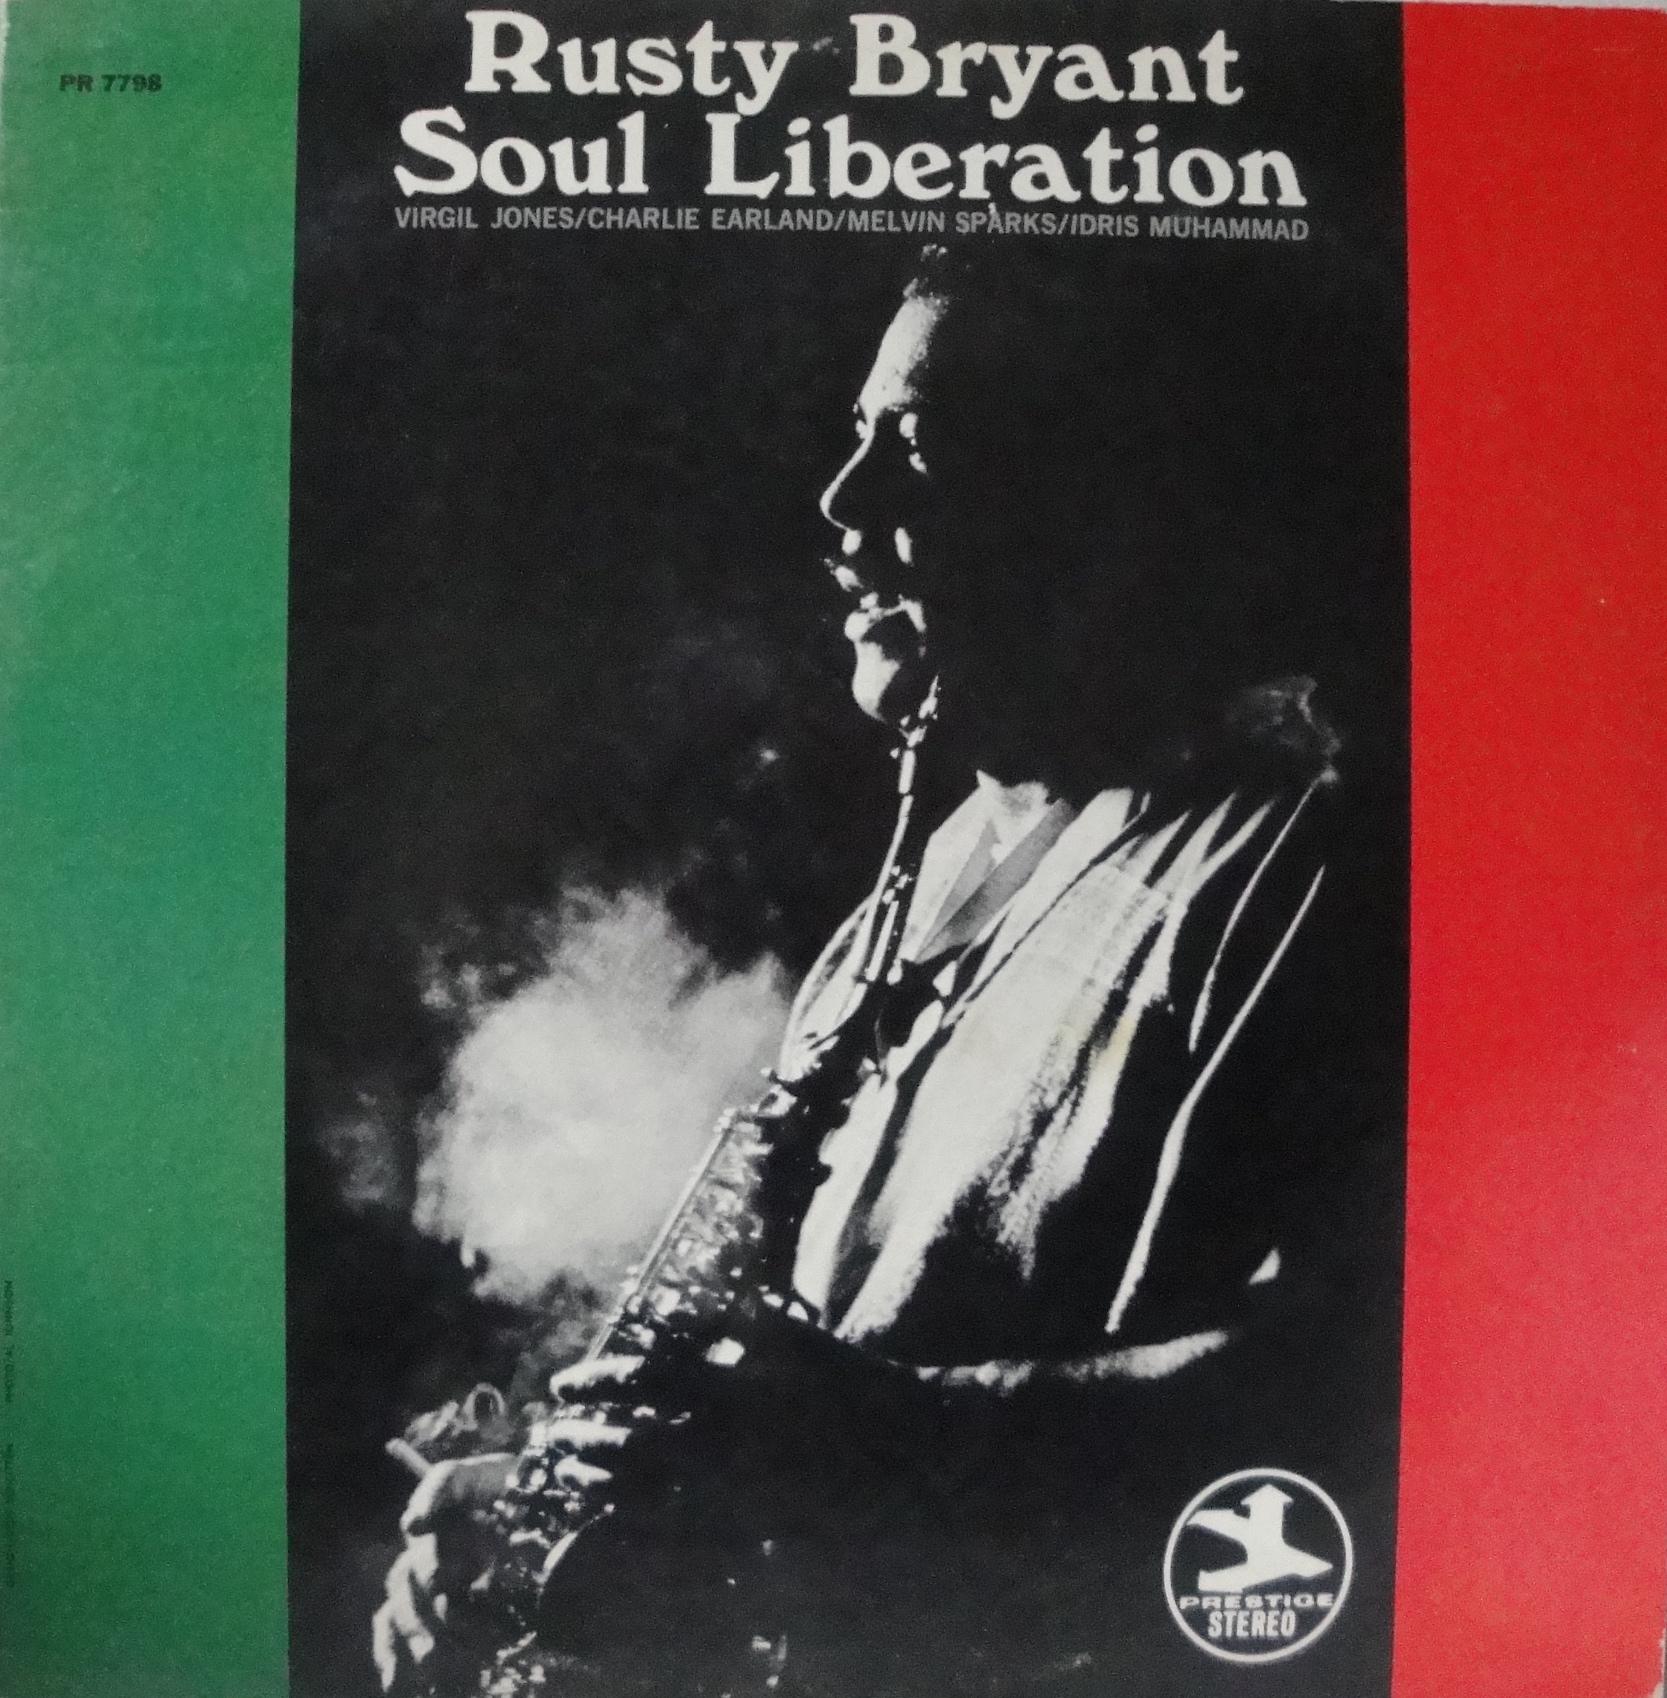 Rusty Bryant - Soul Liberation